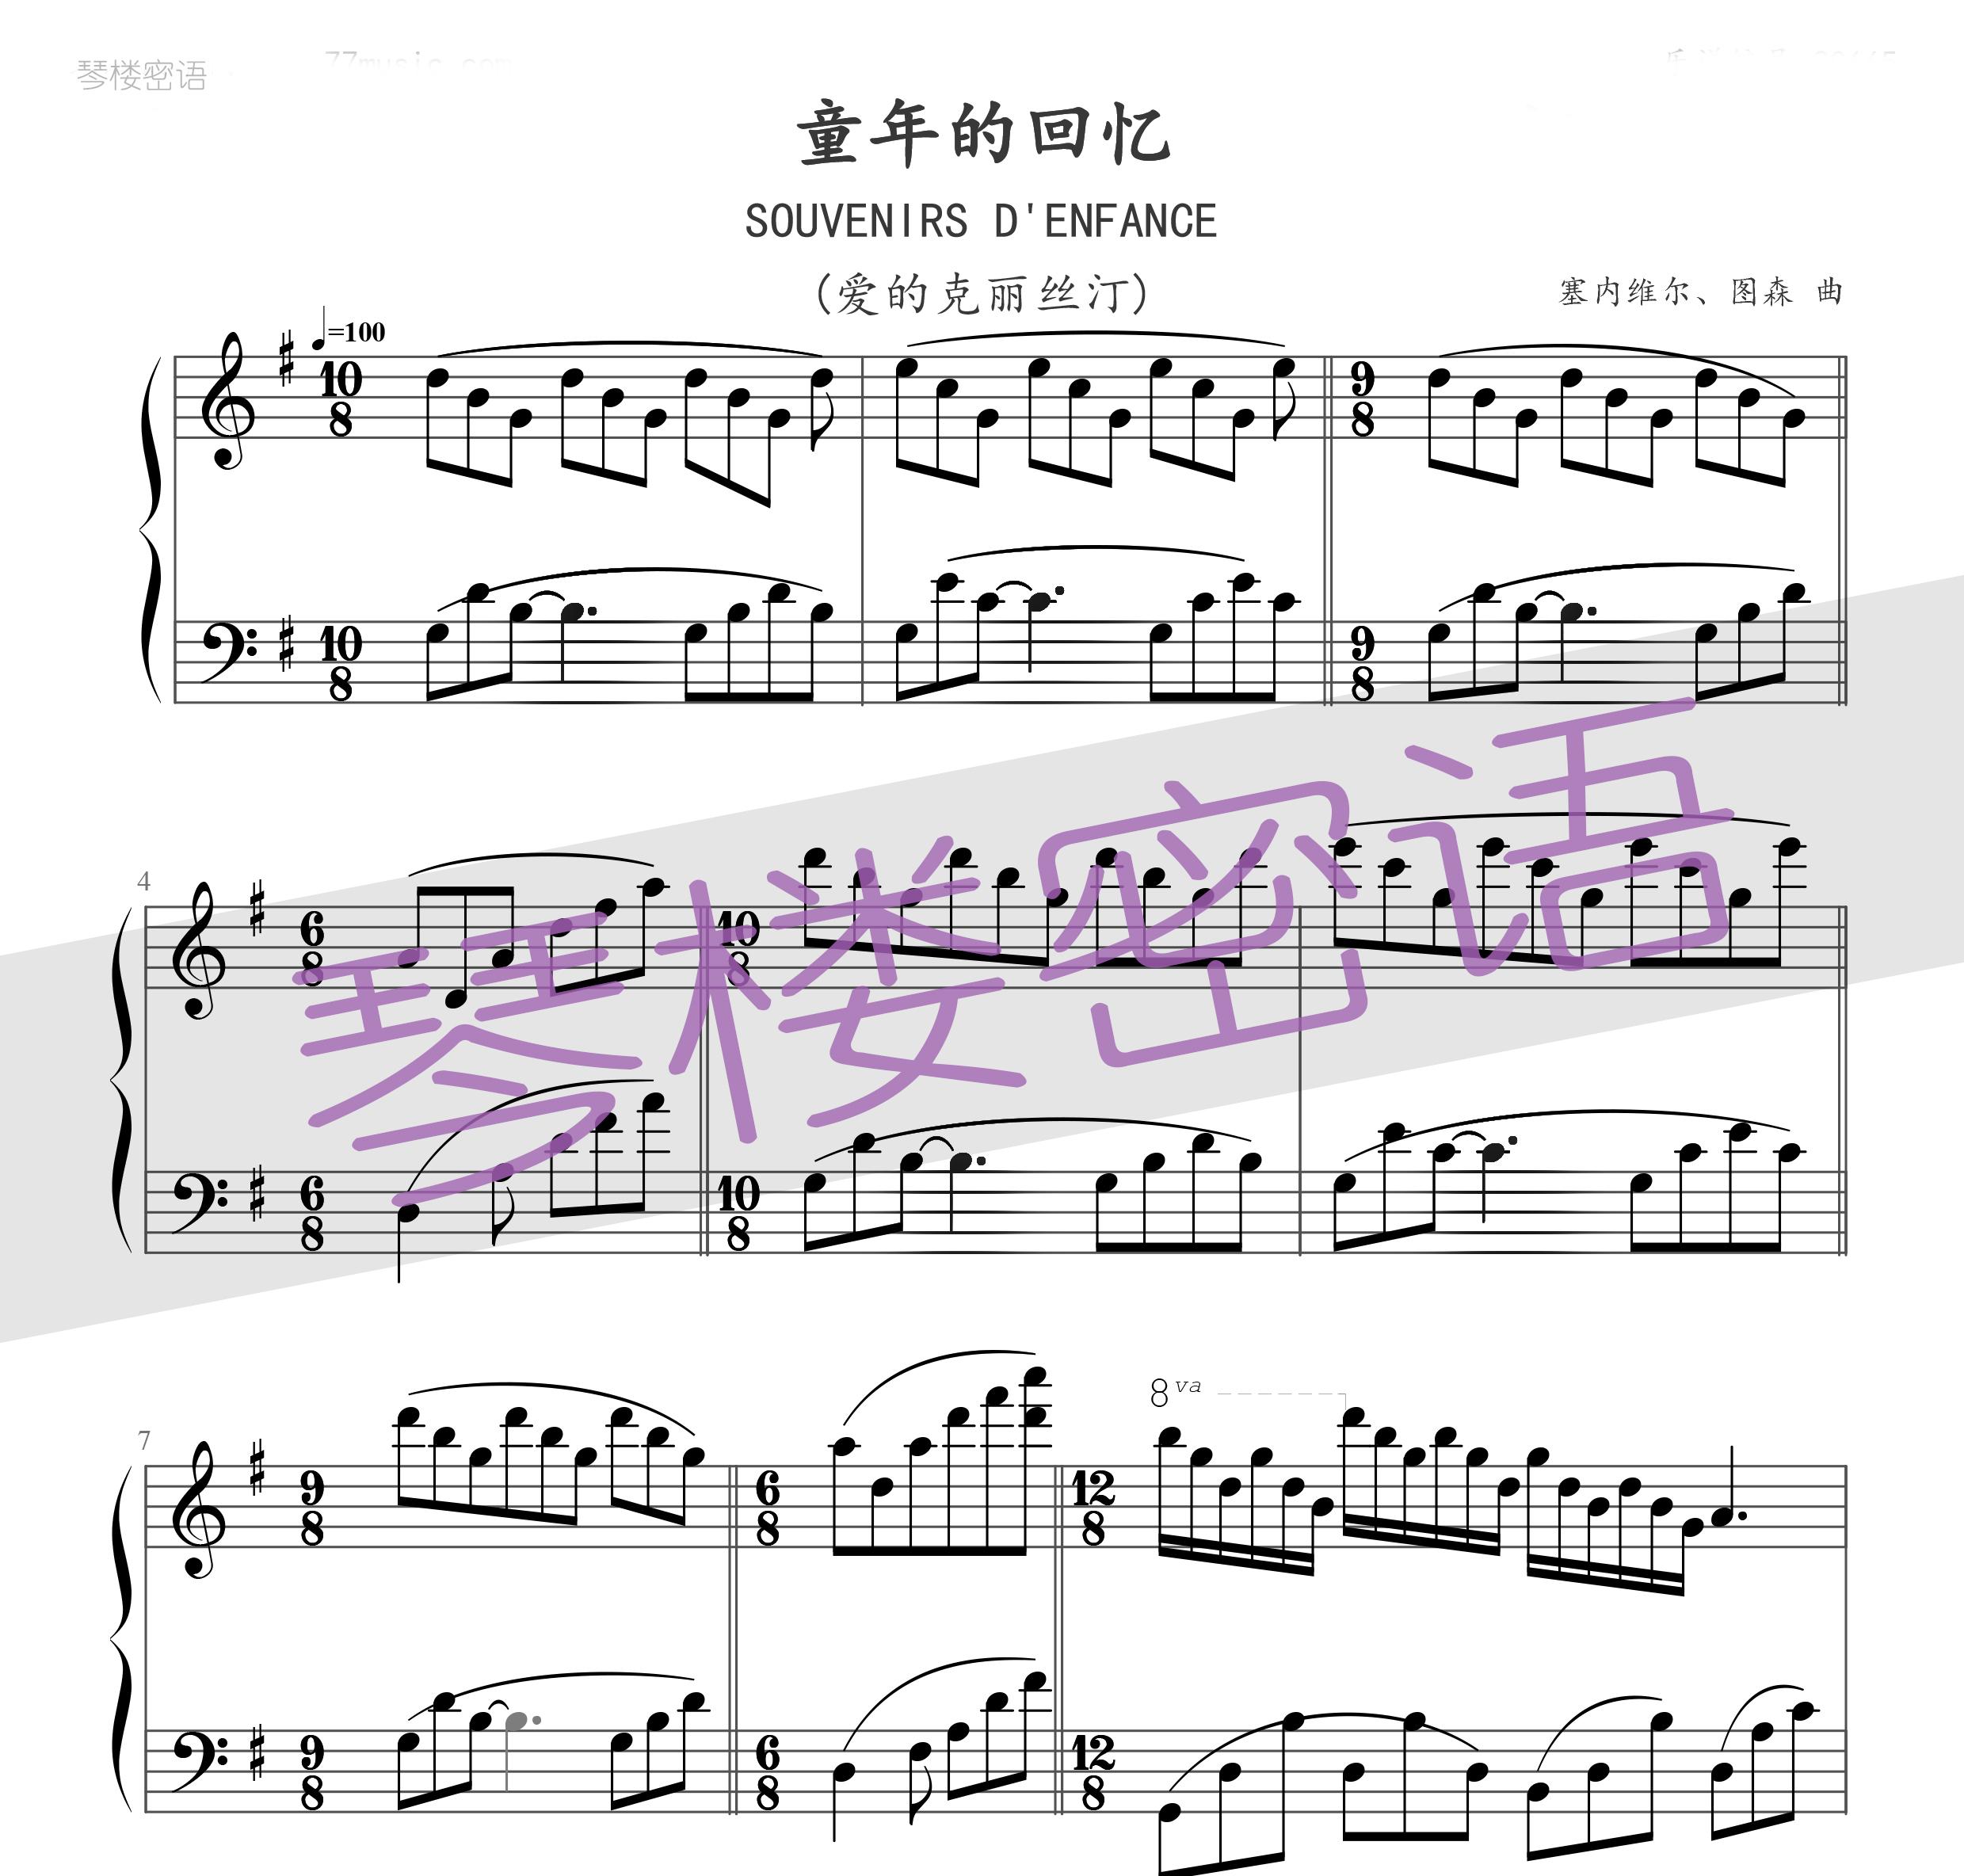 童年的回忆(爱的克里斯汀)钢琴曲jpg格式电子谱